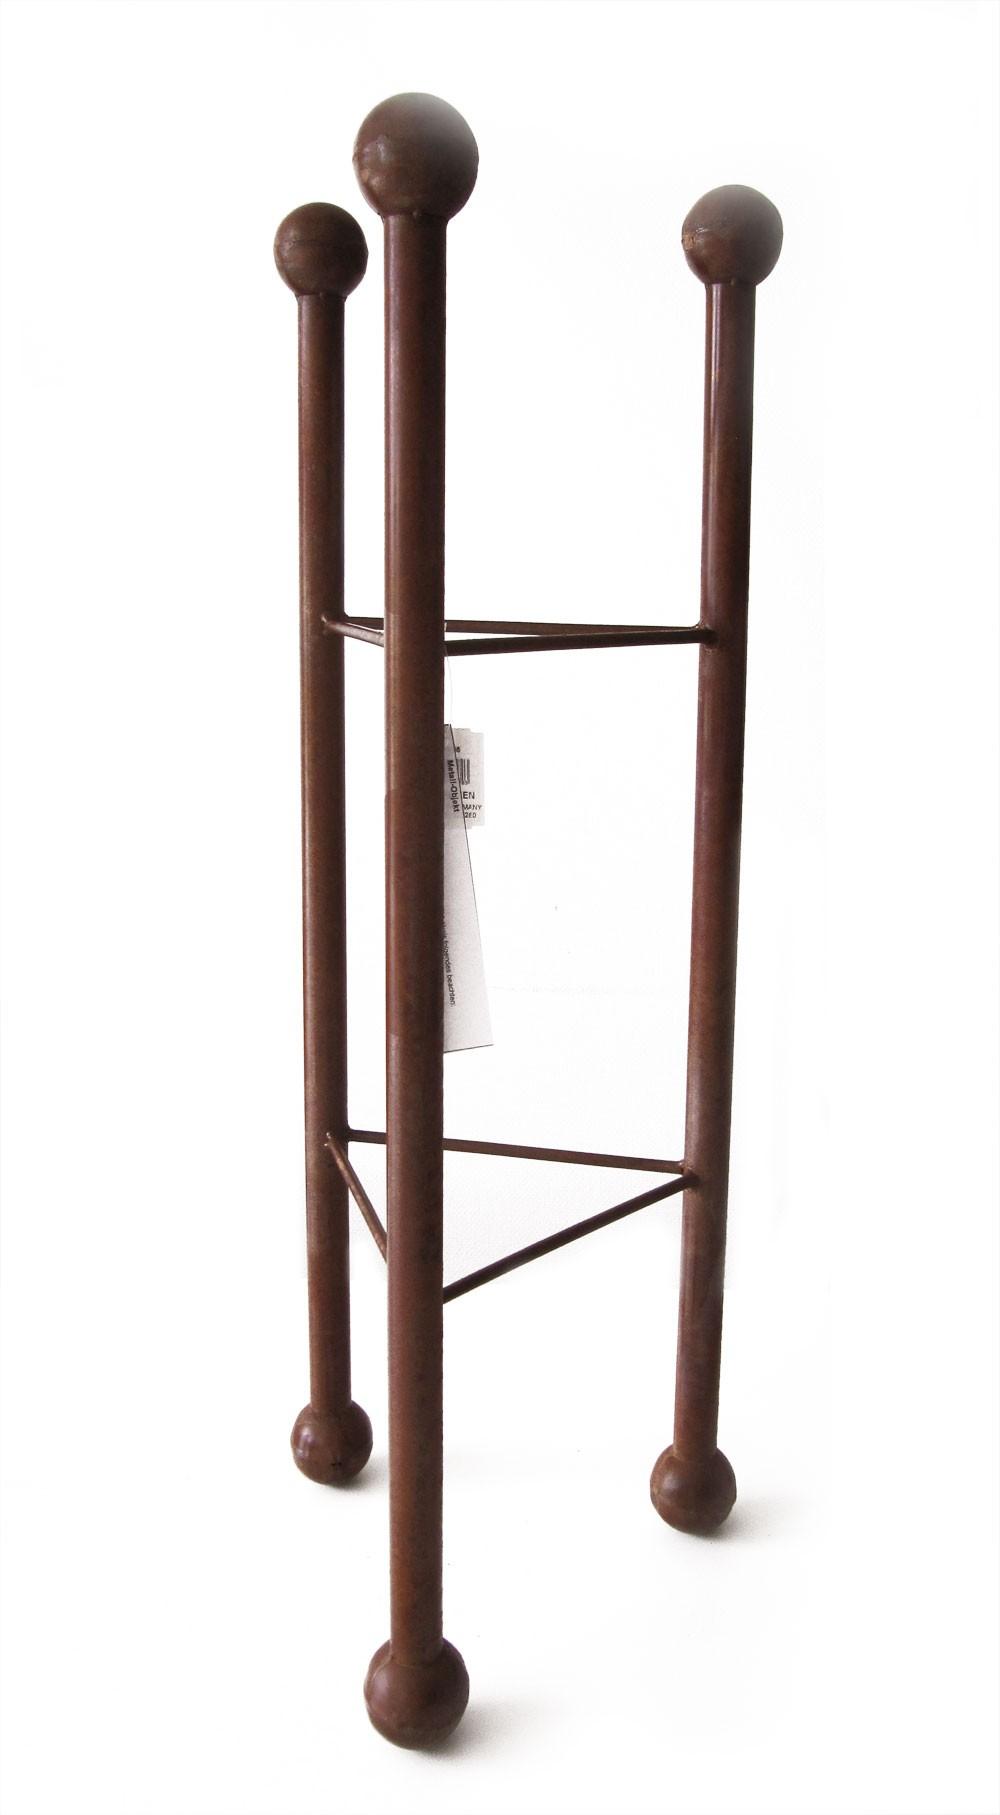 Deko Säule / Ständer dreieckig Metall Naturrost 32x32x85cm Bild 1